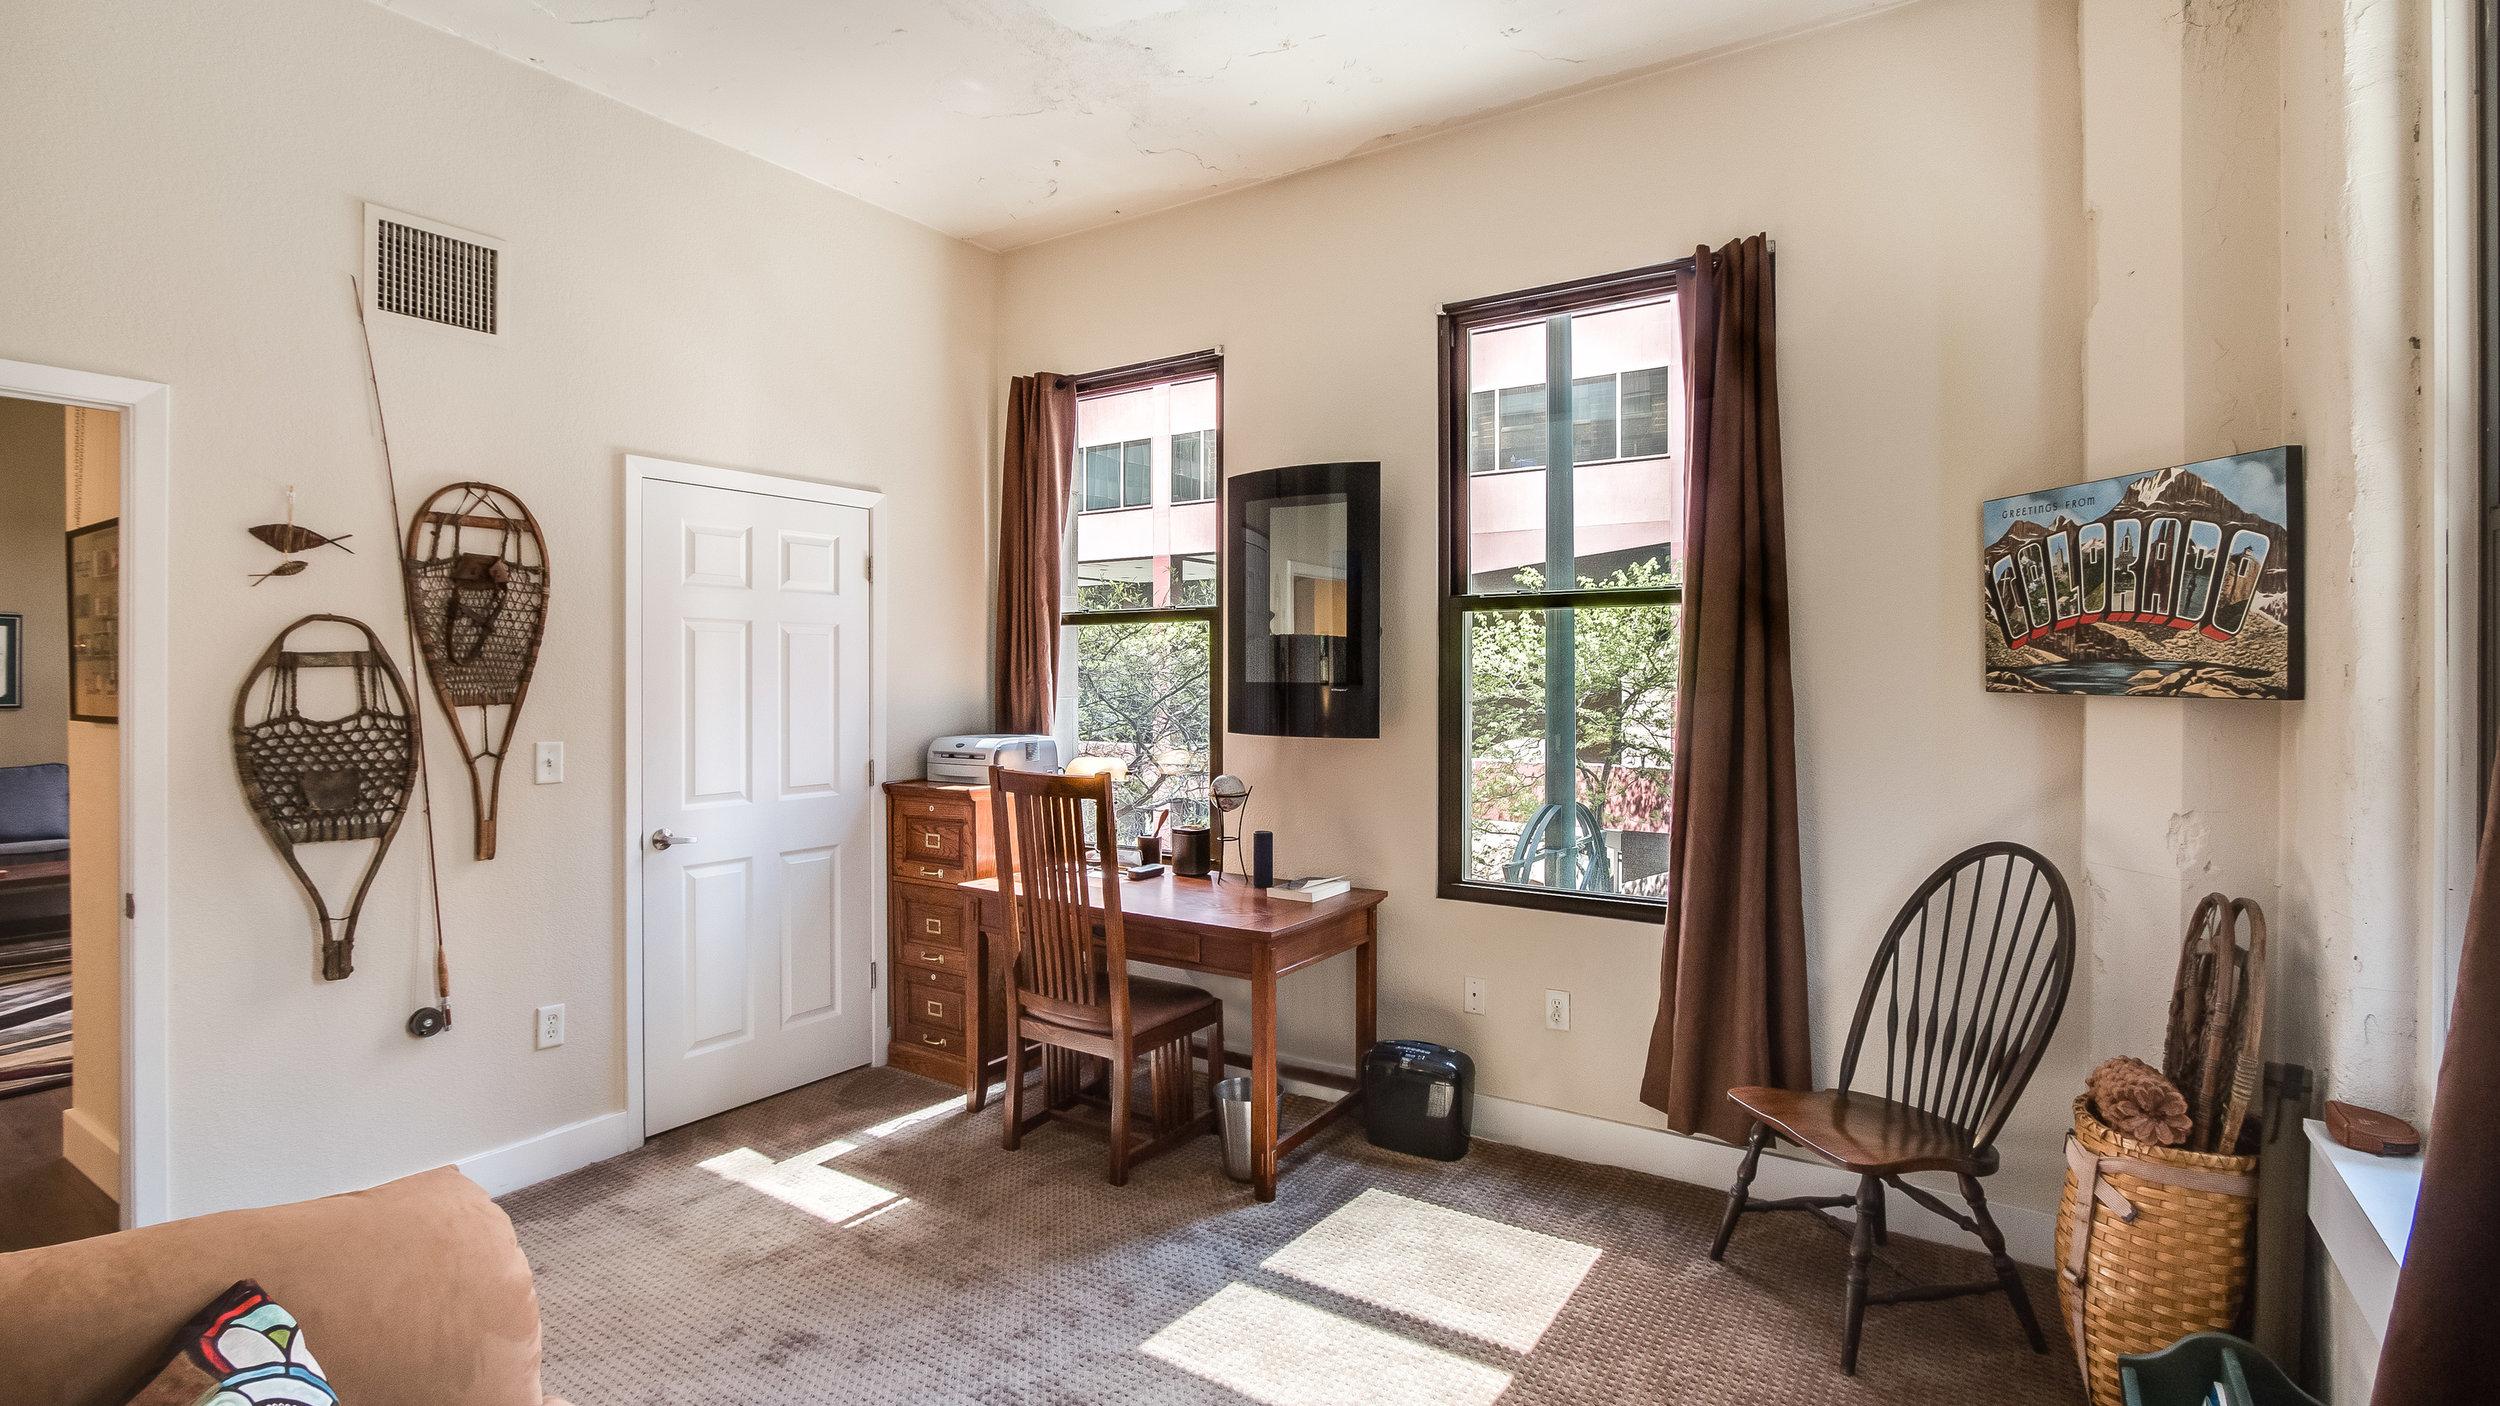 11 44417th206 Bedroom 2  (10).jpg